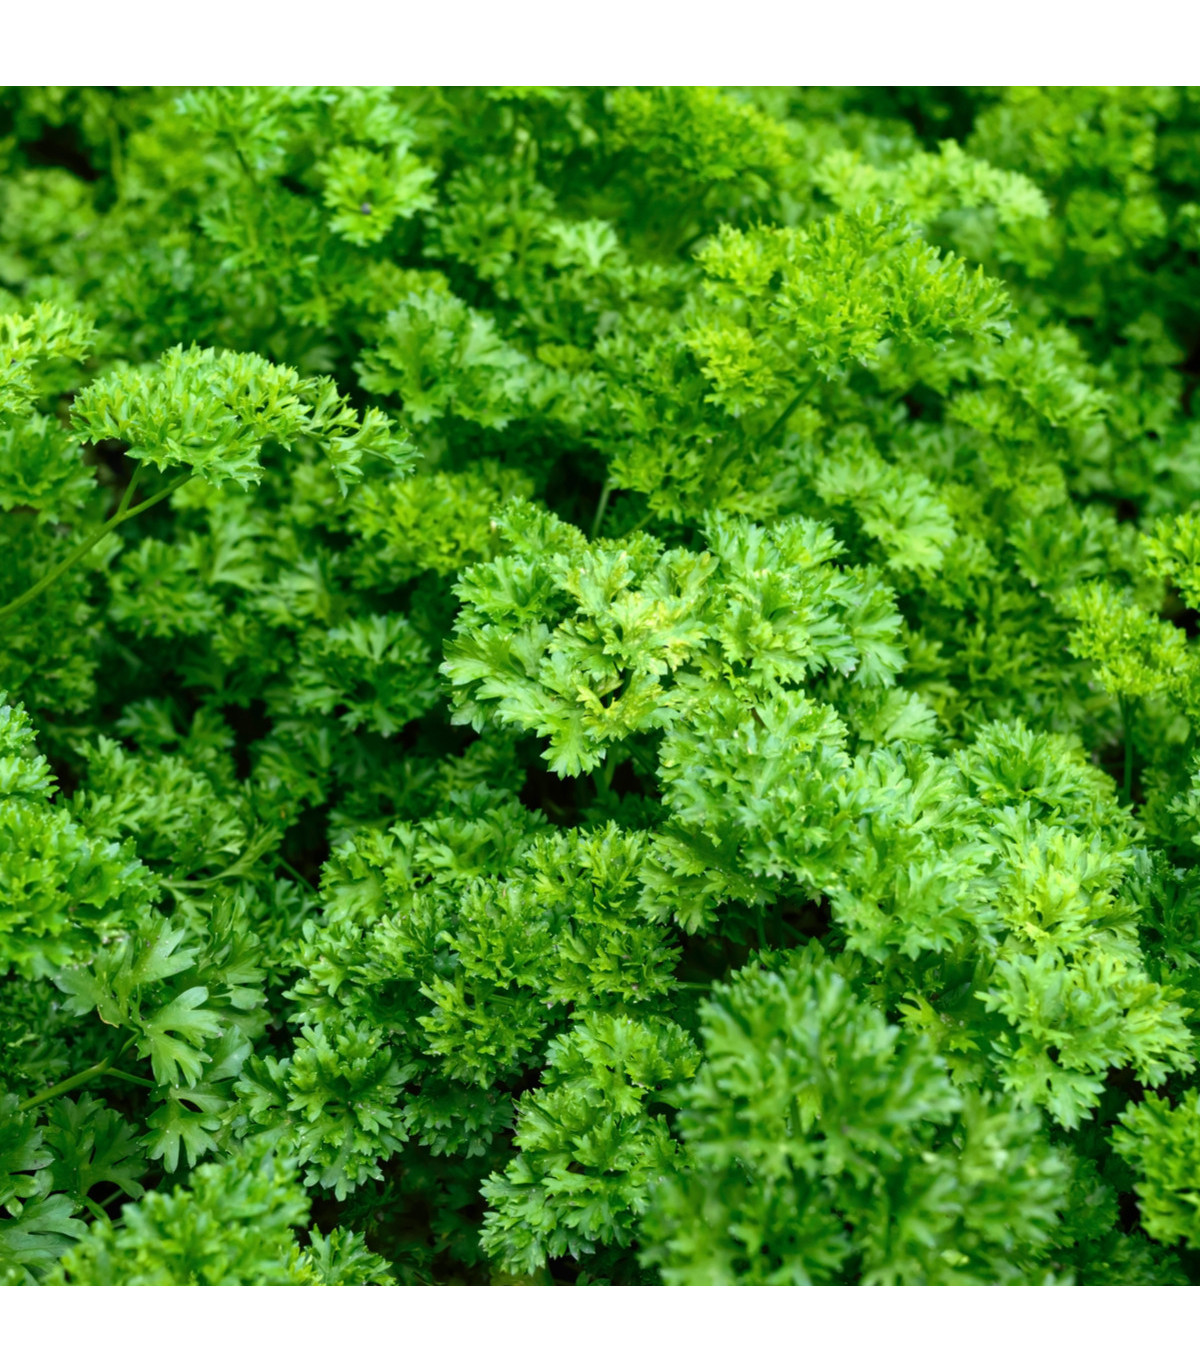 BIO Petržel Zelená Perla - Petroselinum crispum - bio osivo petržele - 1 g